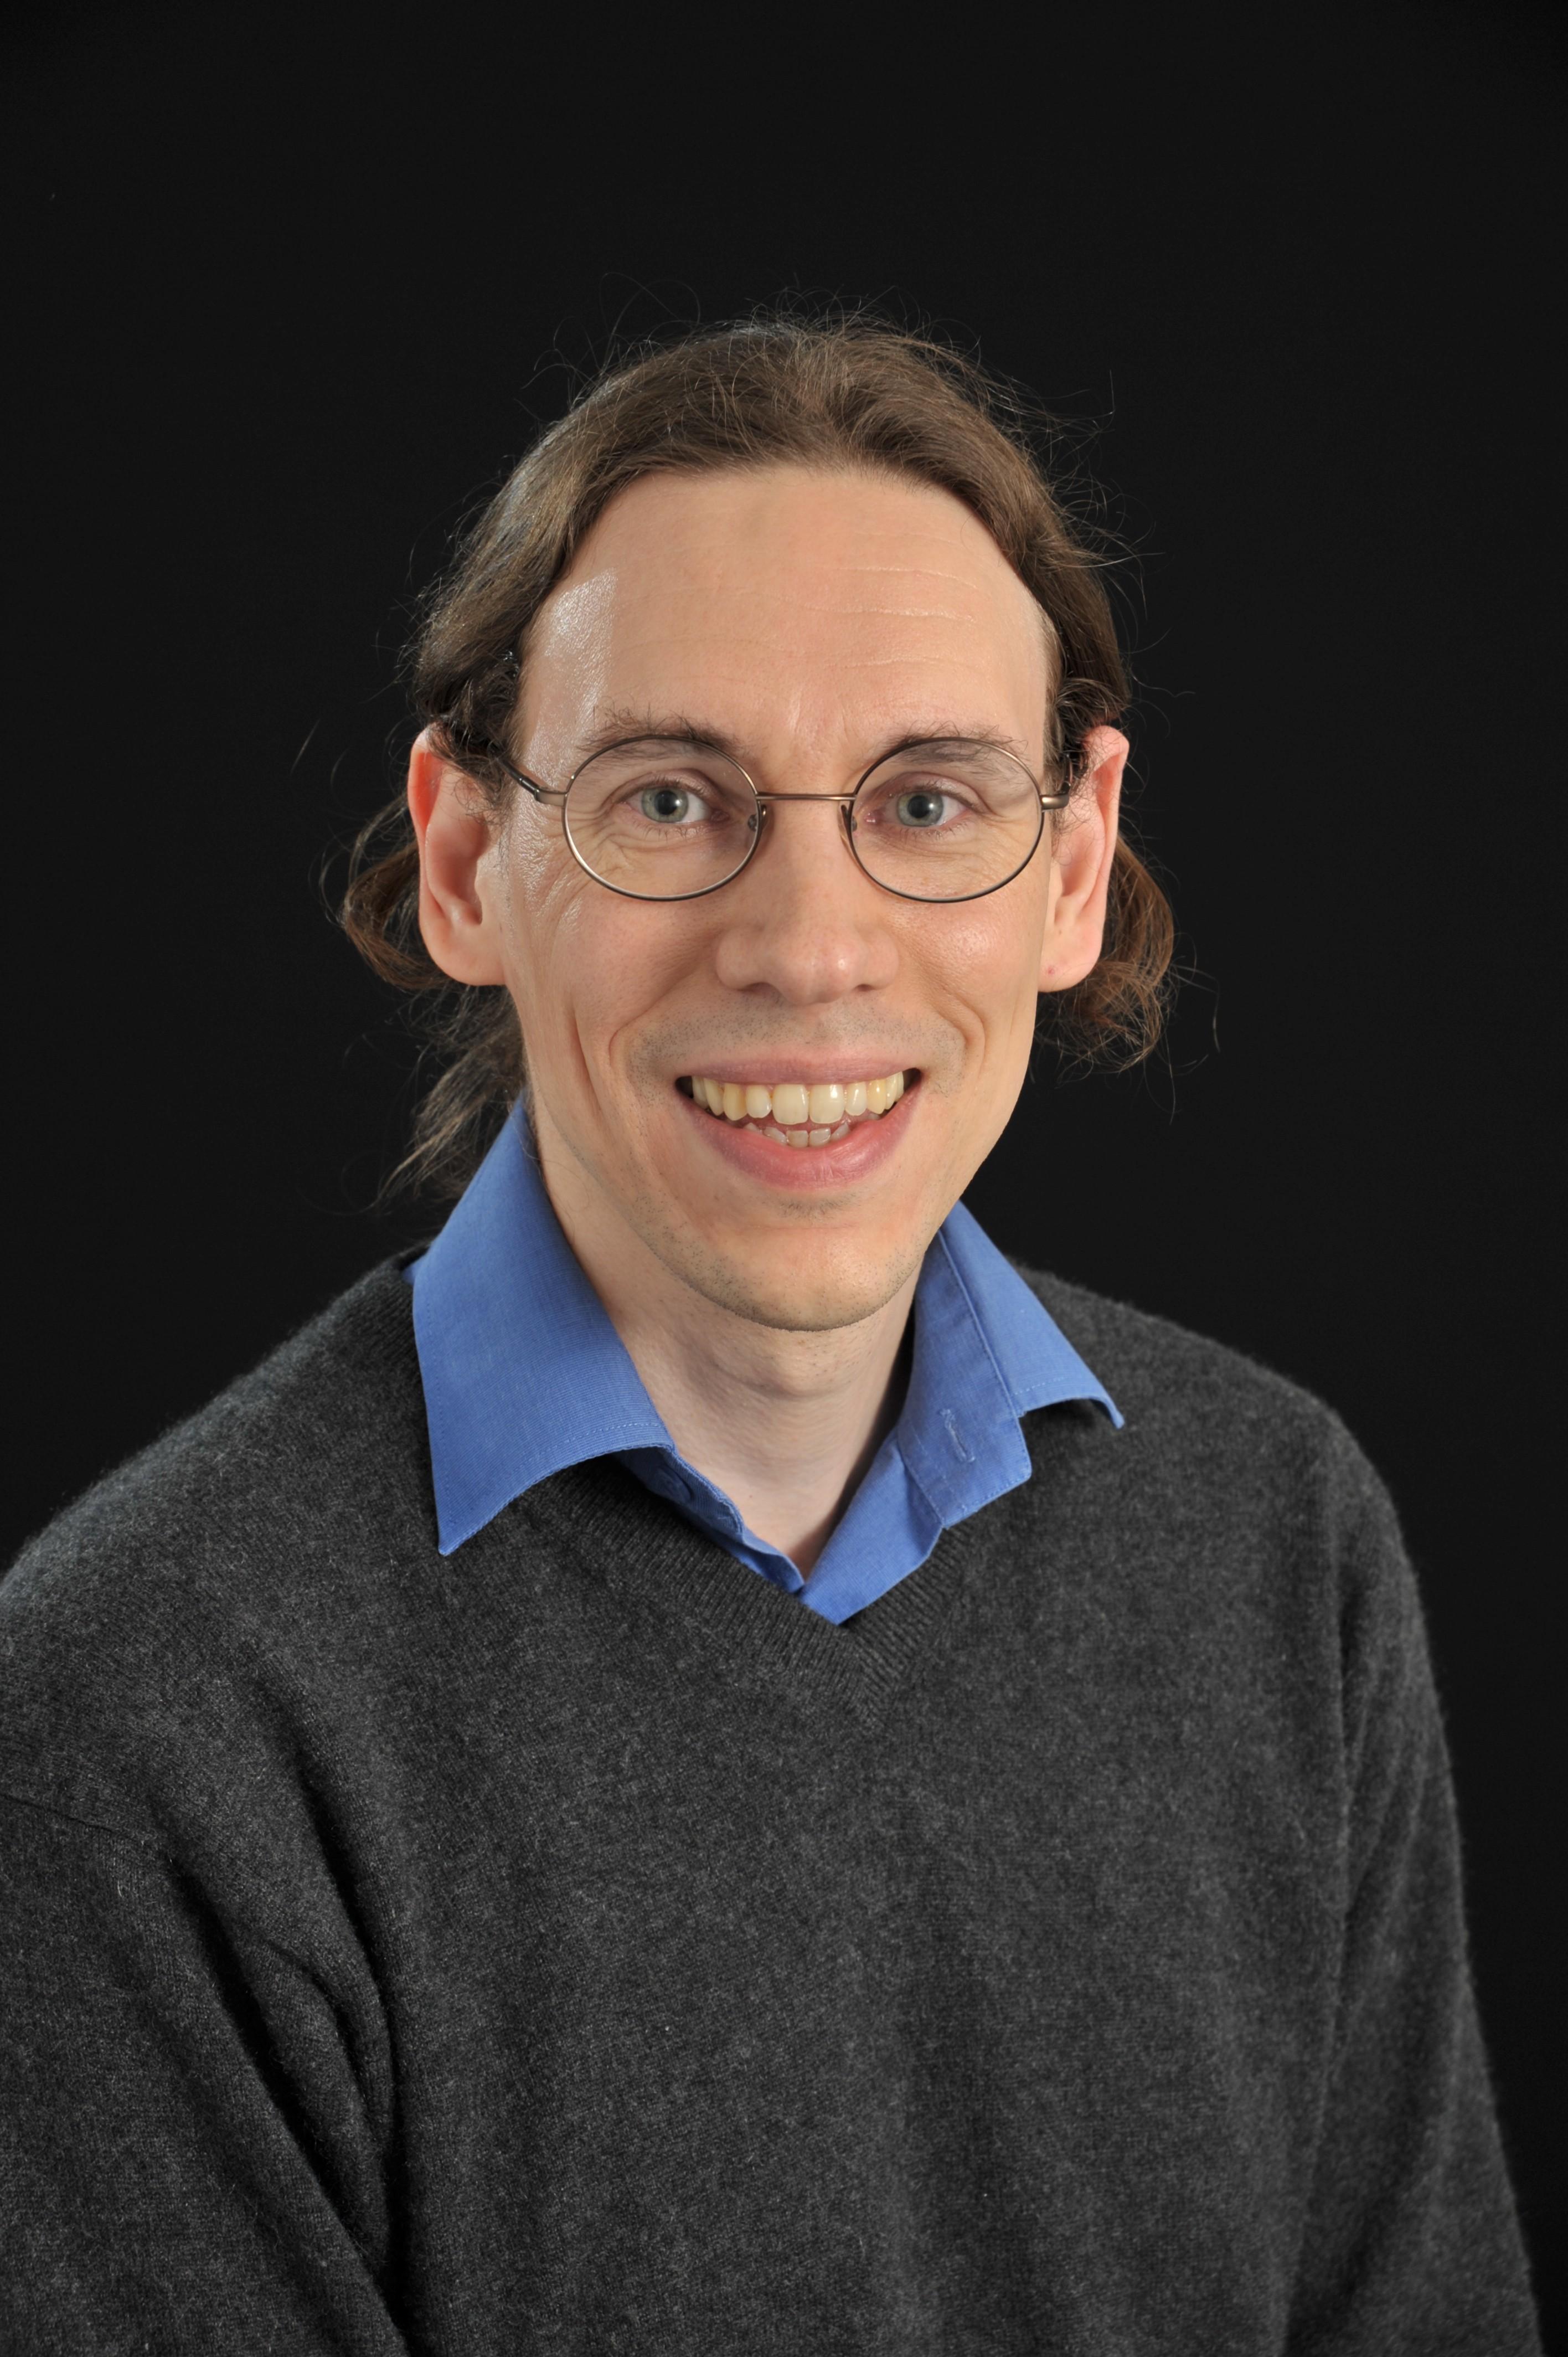 Dr David Benoit